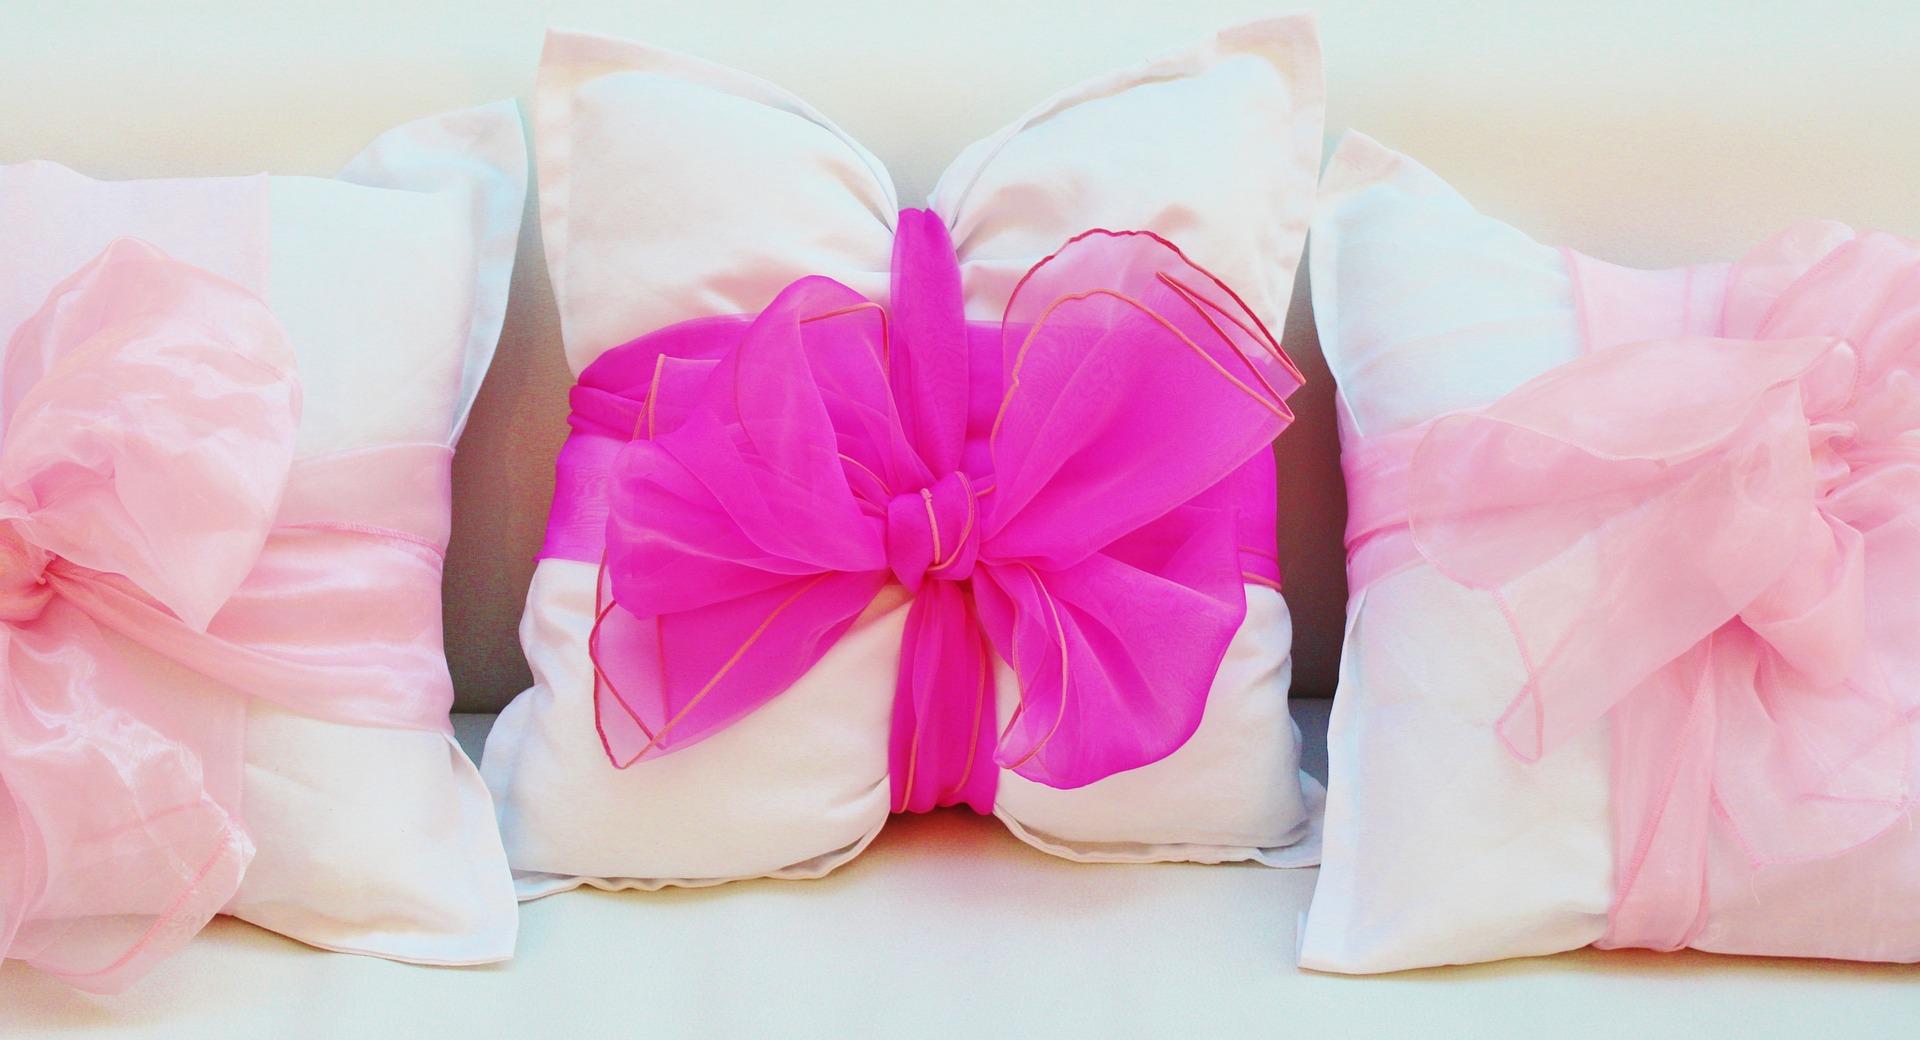 C mo elegir la almohada perfecta para dormir sedalinne blog - Cuales son las mejores almohadas para las cervicales ...